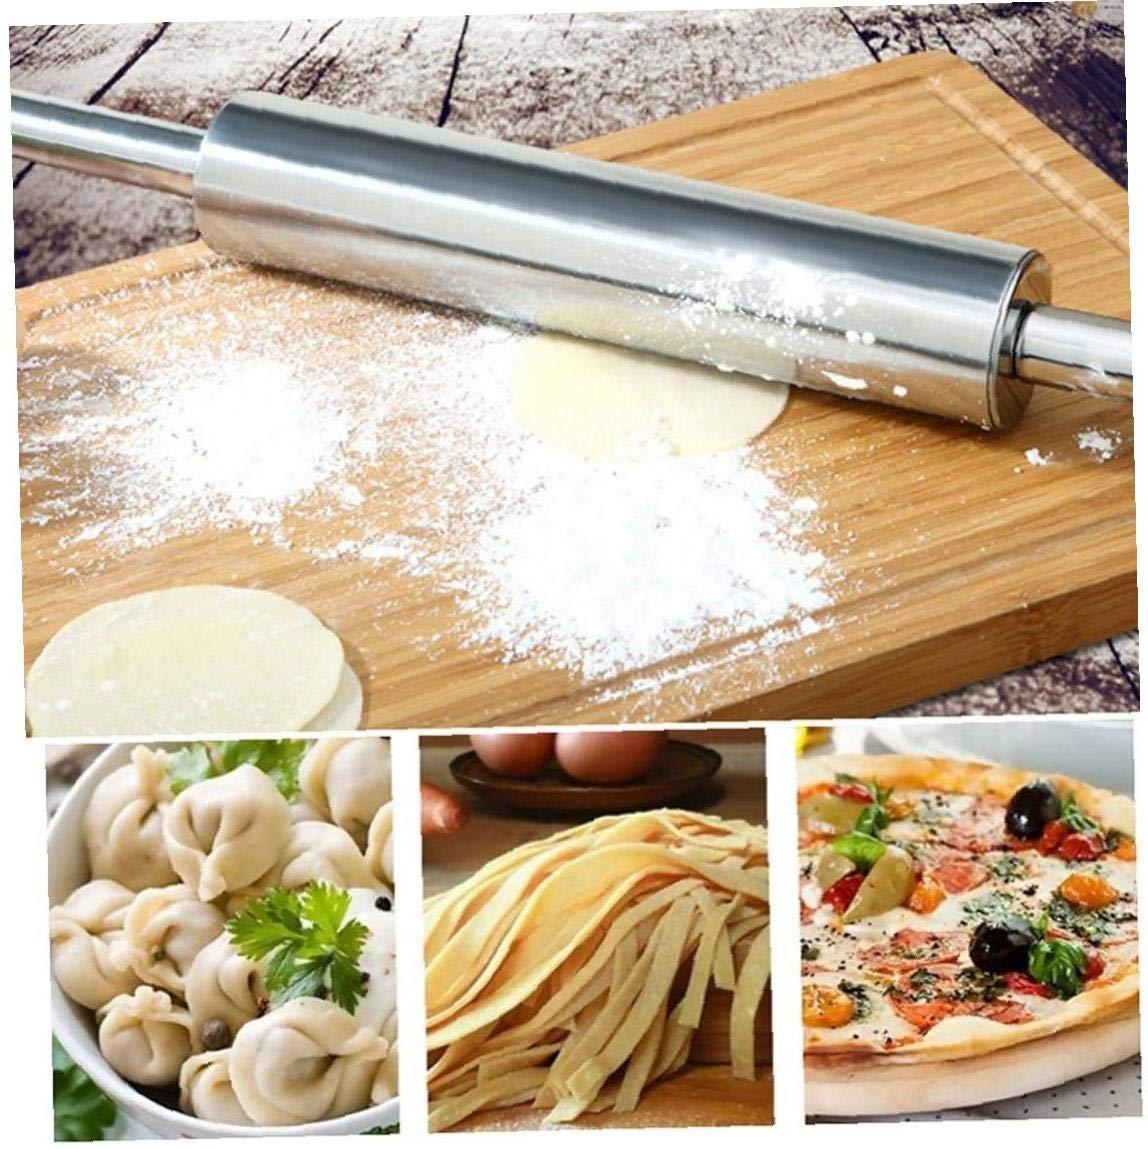 Lankater Acciaio Inossidabile Mattarello Antiaderente Pasticceria Dough Roller Bake Pizza Pasta Cookie Pie Fare Cottura Strumenti